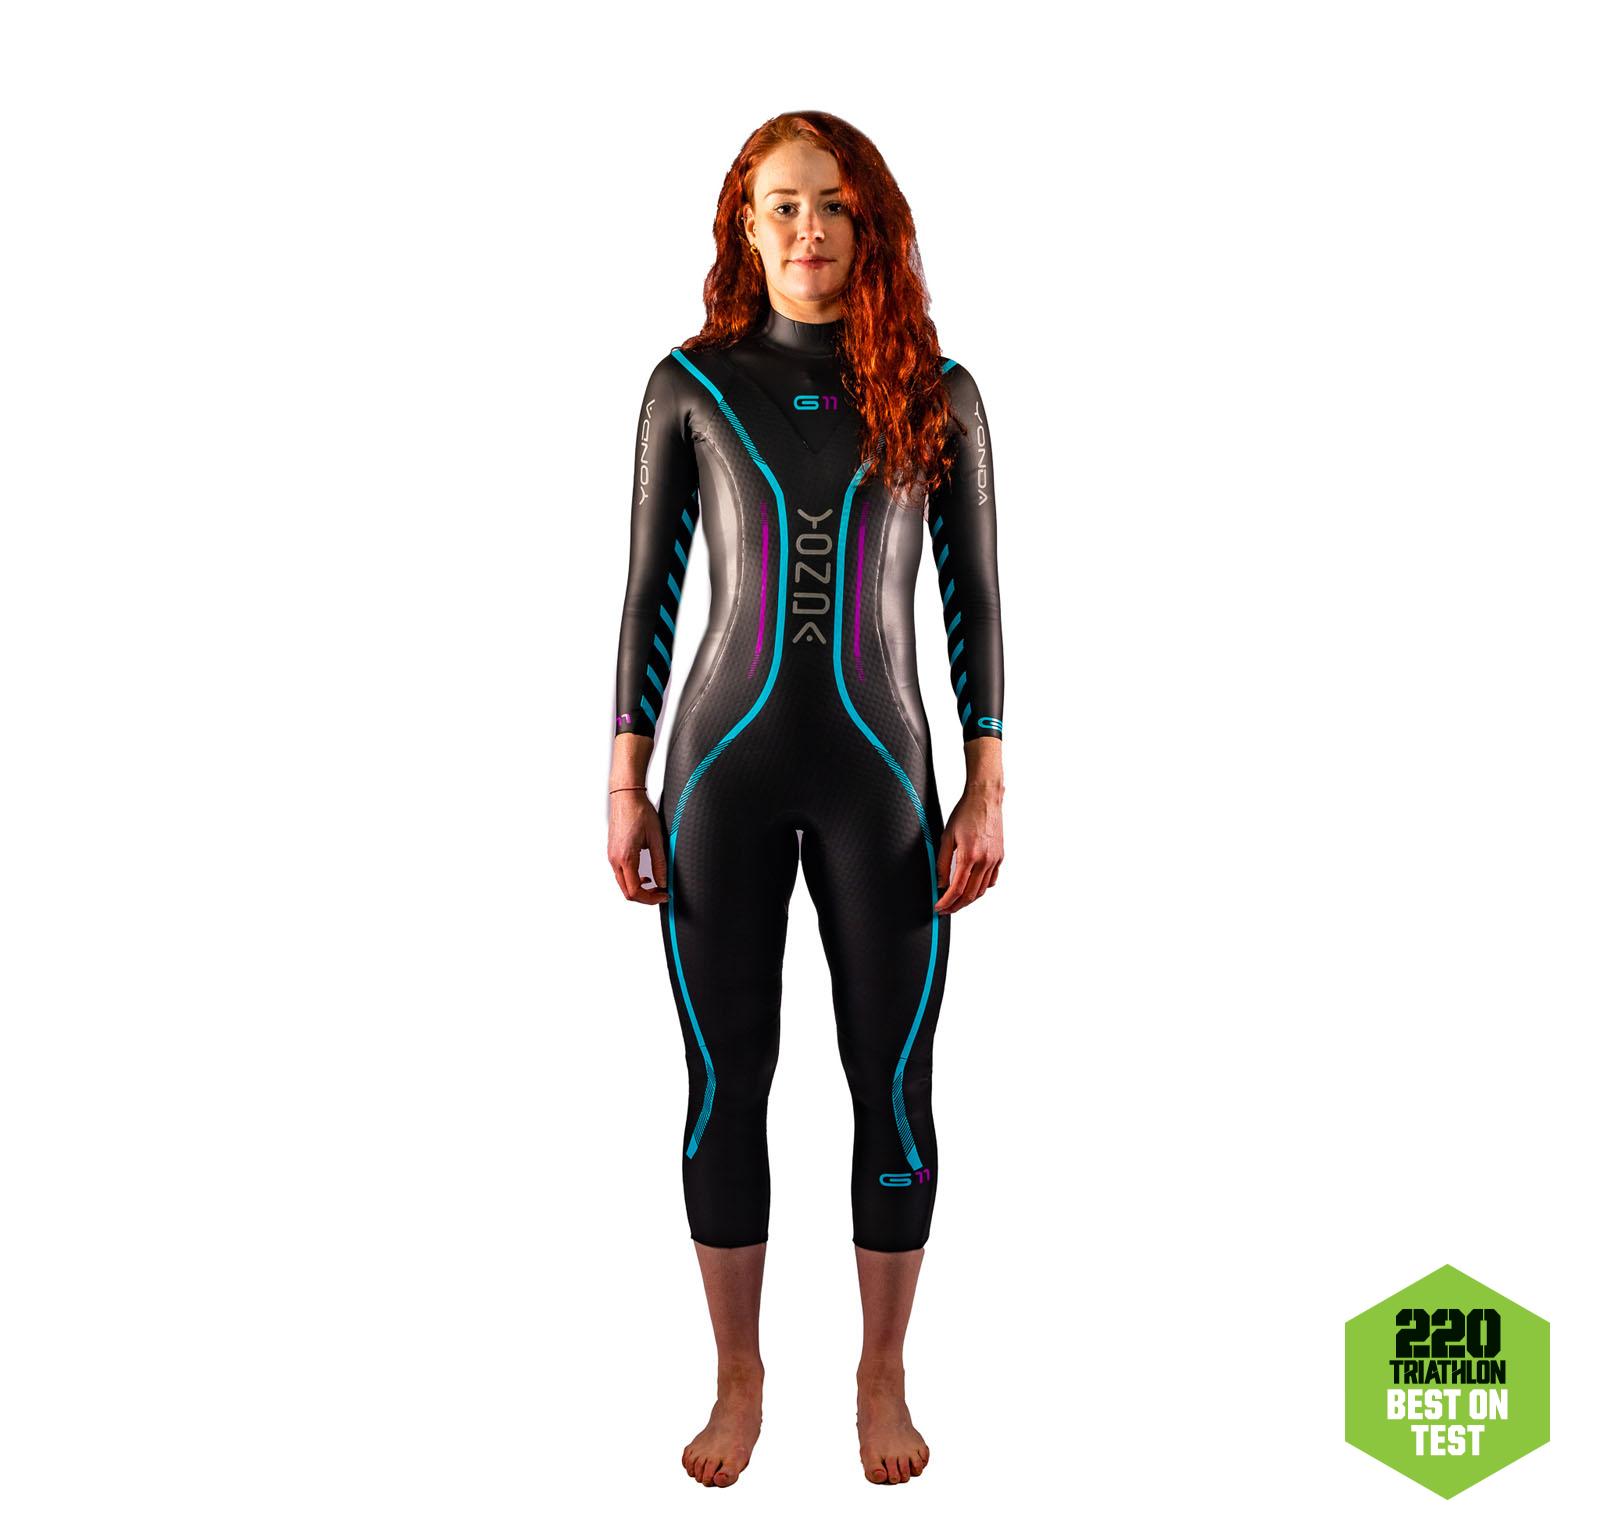 Yonda Ghost II (2020) - Women's Wetsuit | Clearance